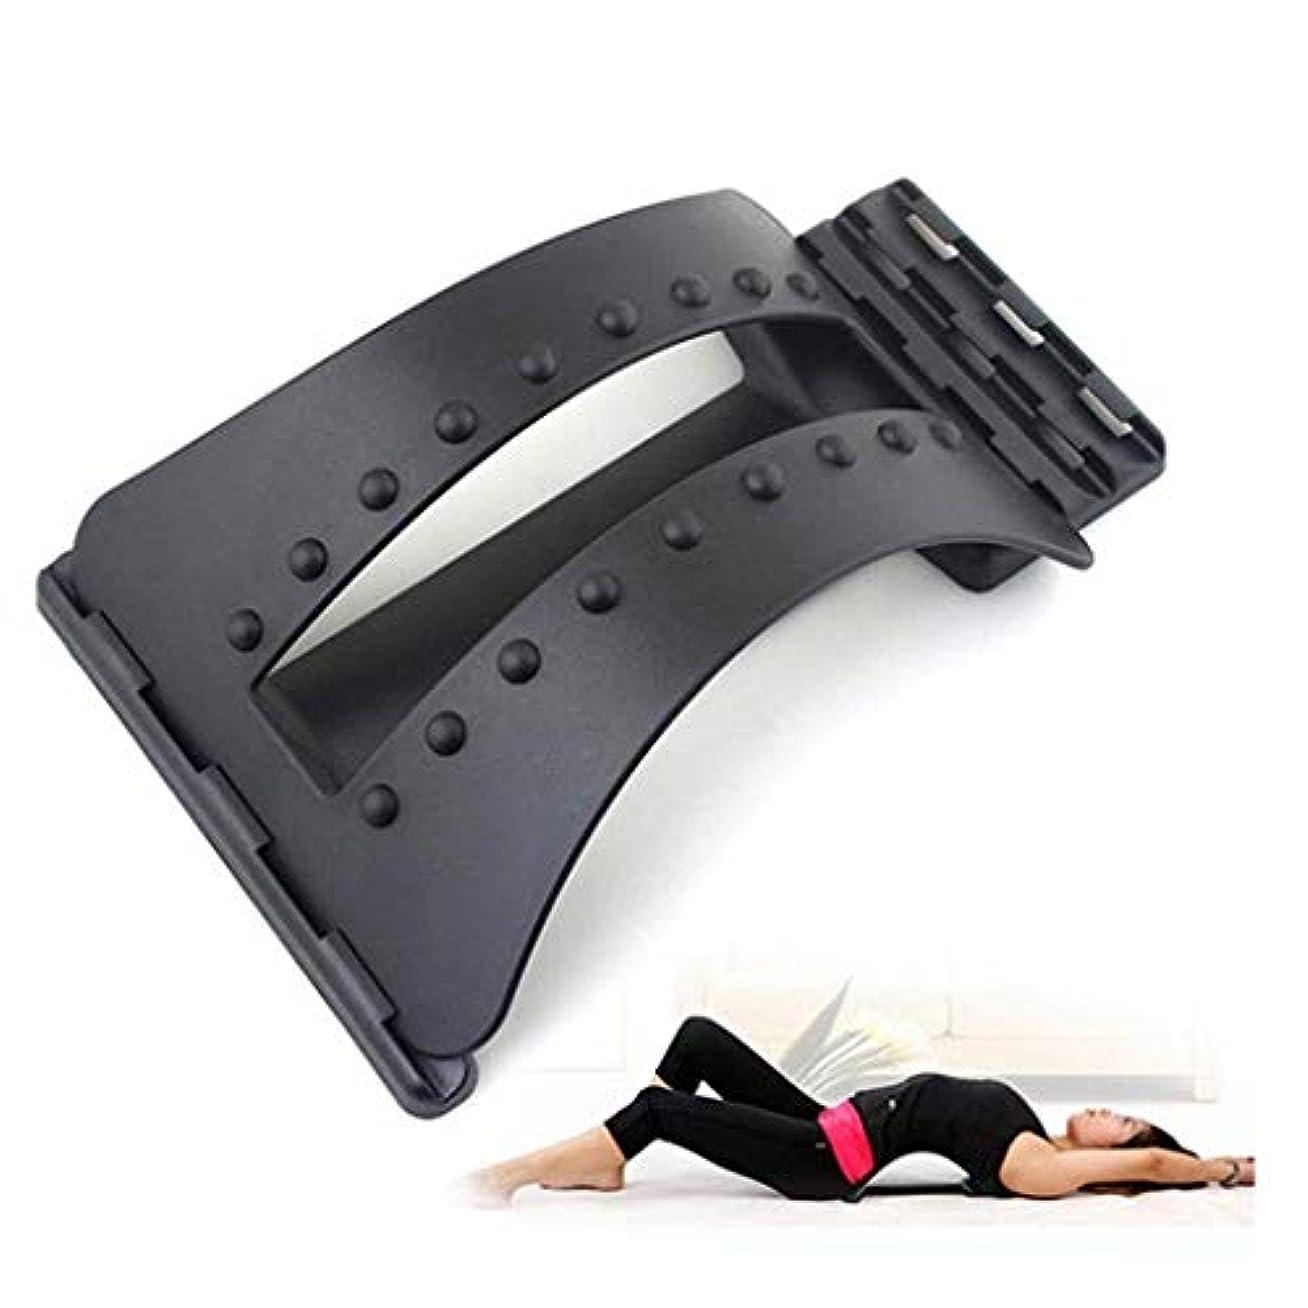 つらい昨日金属バックマッサージ、マジックバックサポートとストレッチストレッチャーマジックストレッチャーバックストレッチャー腰椎サポートデバイスリラクゼーションパートナー脊椎の痛みを軽減する脊椎マッサージ療法